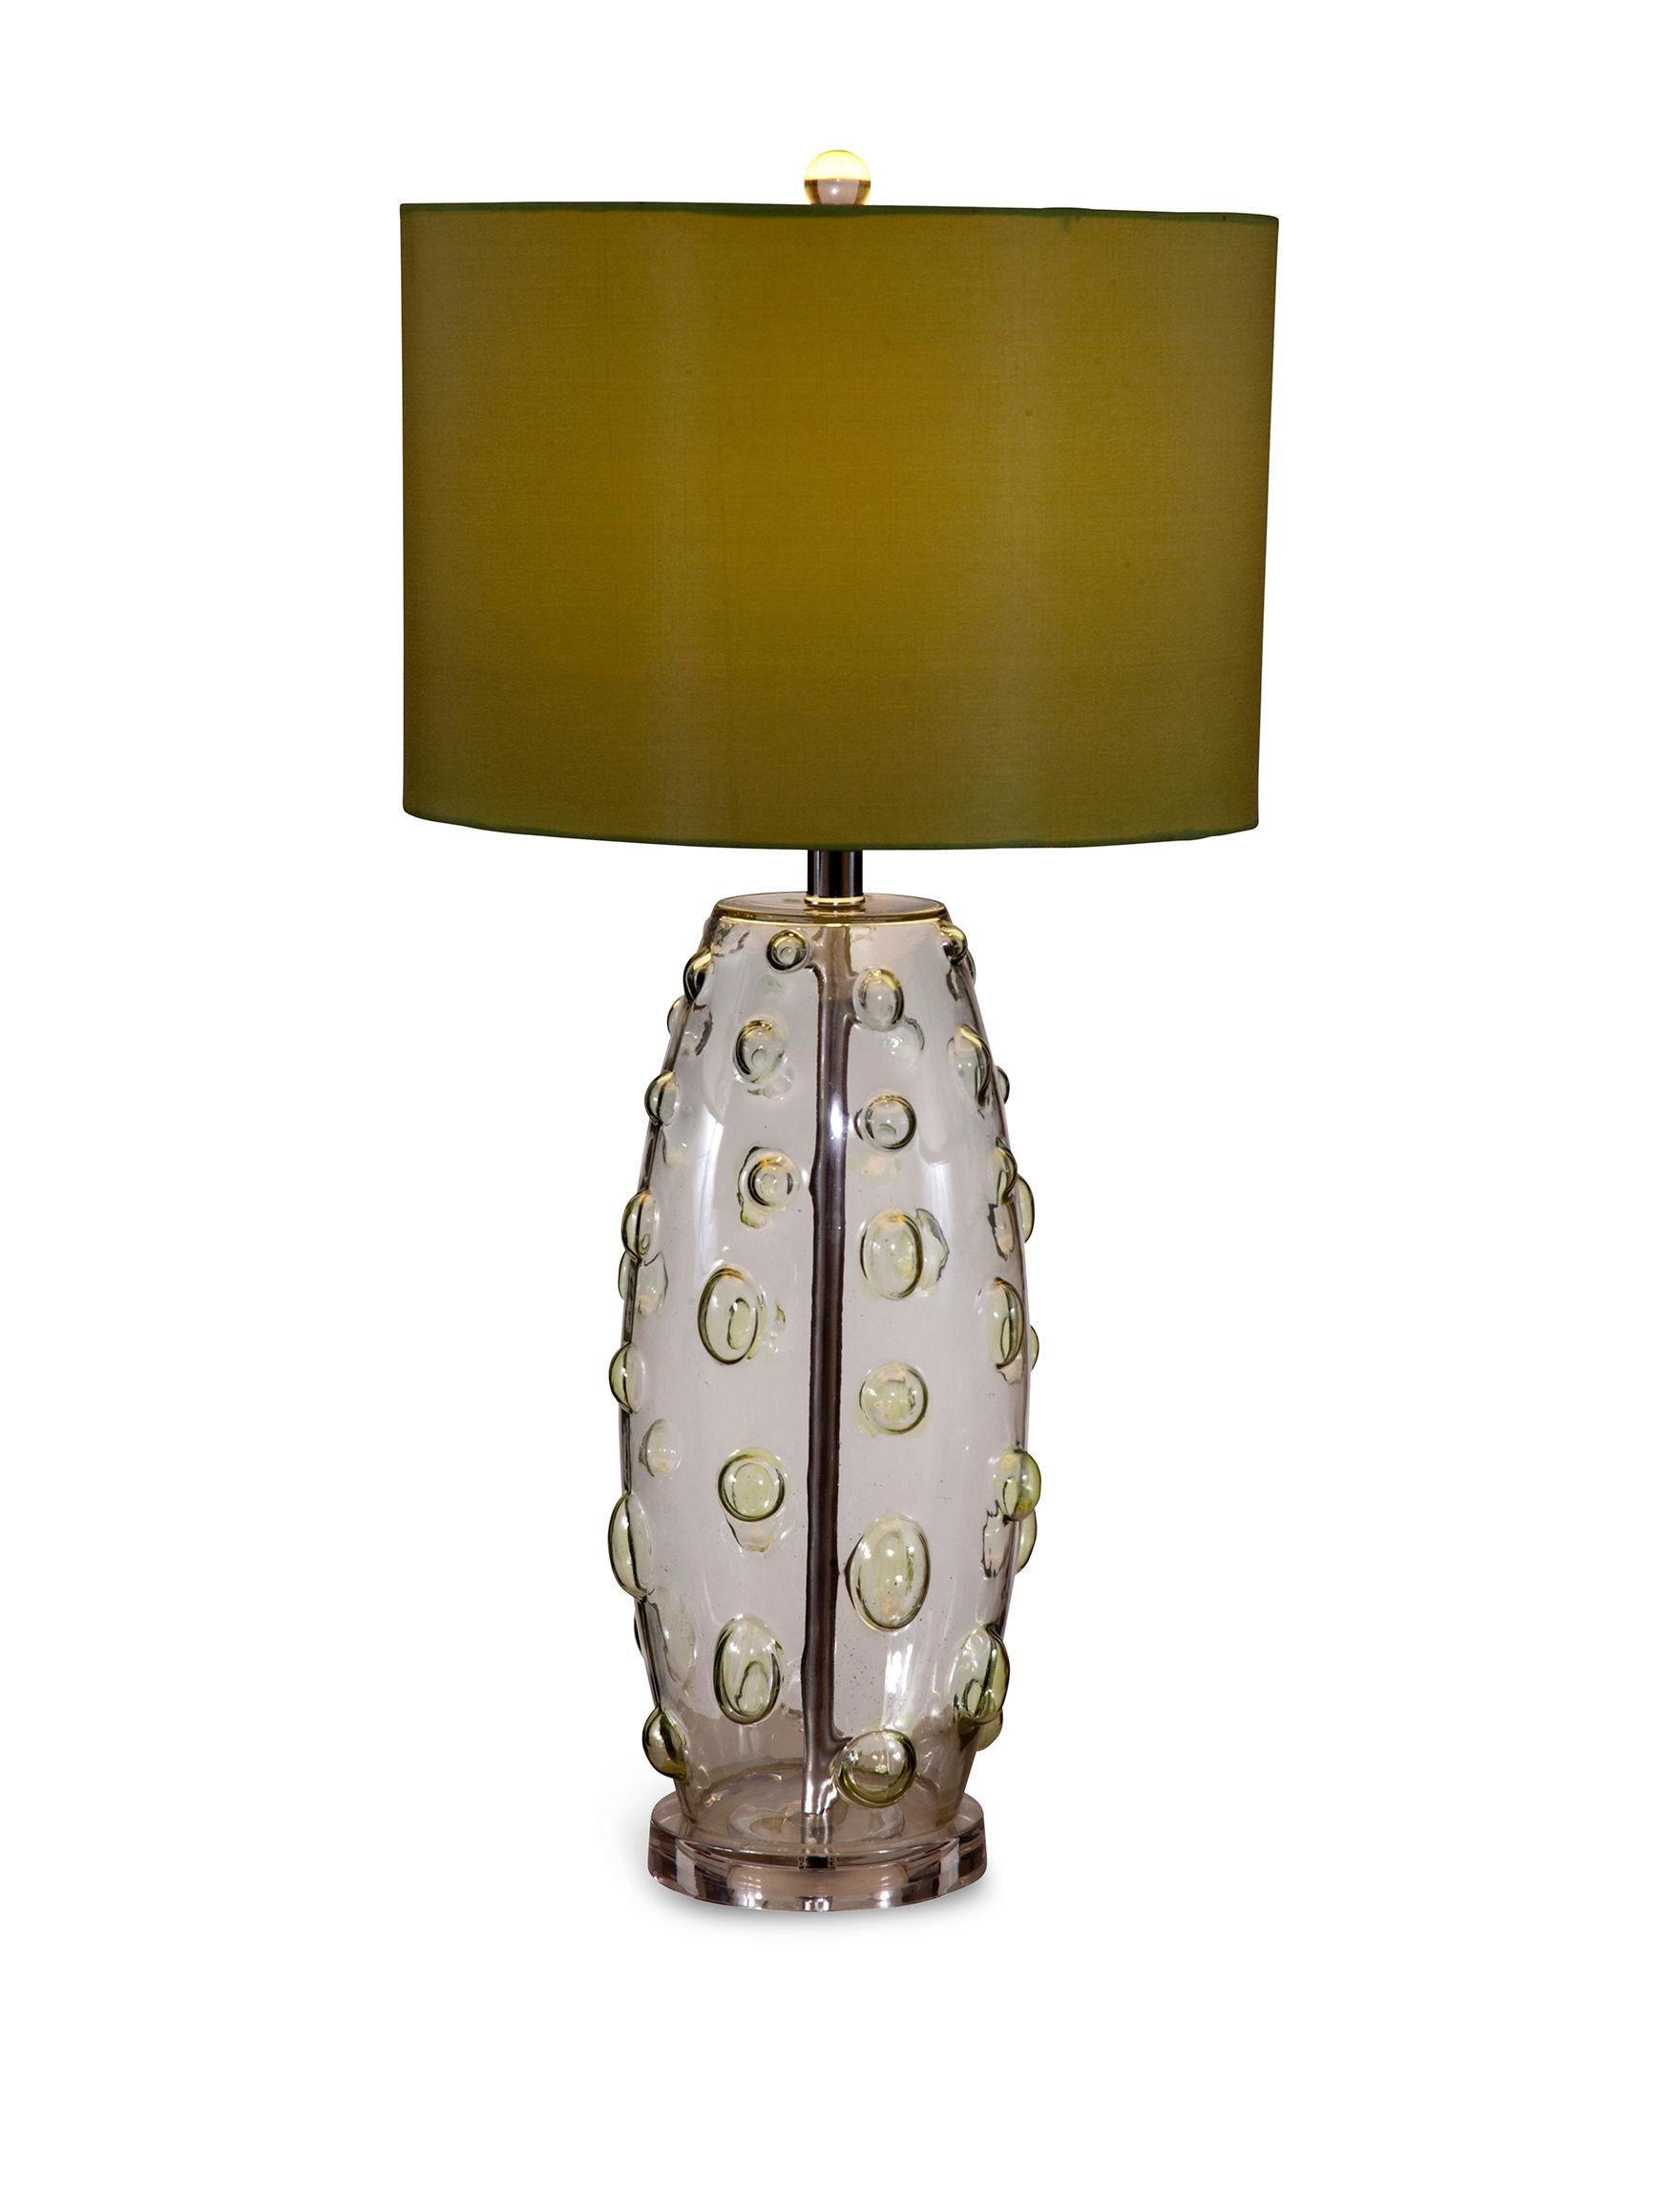 Bassett Mirror Co. Apple Green Table Lamps Lighting & Lamps